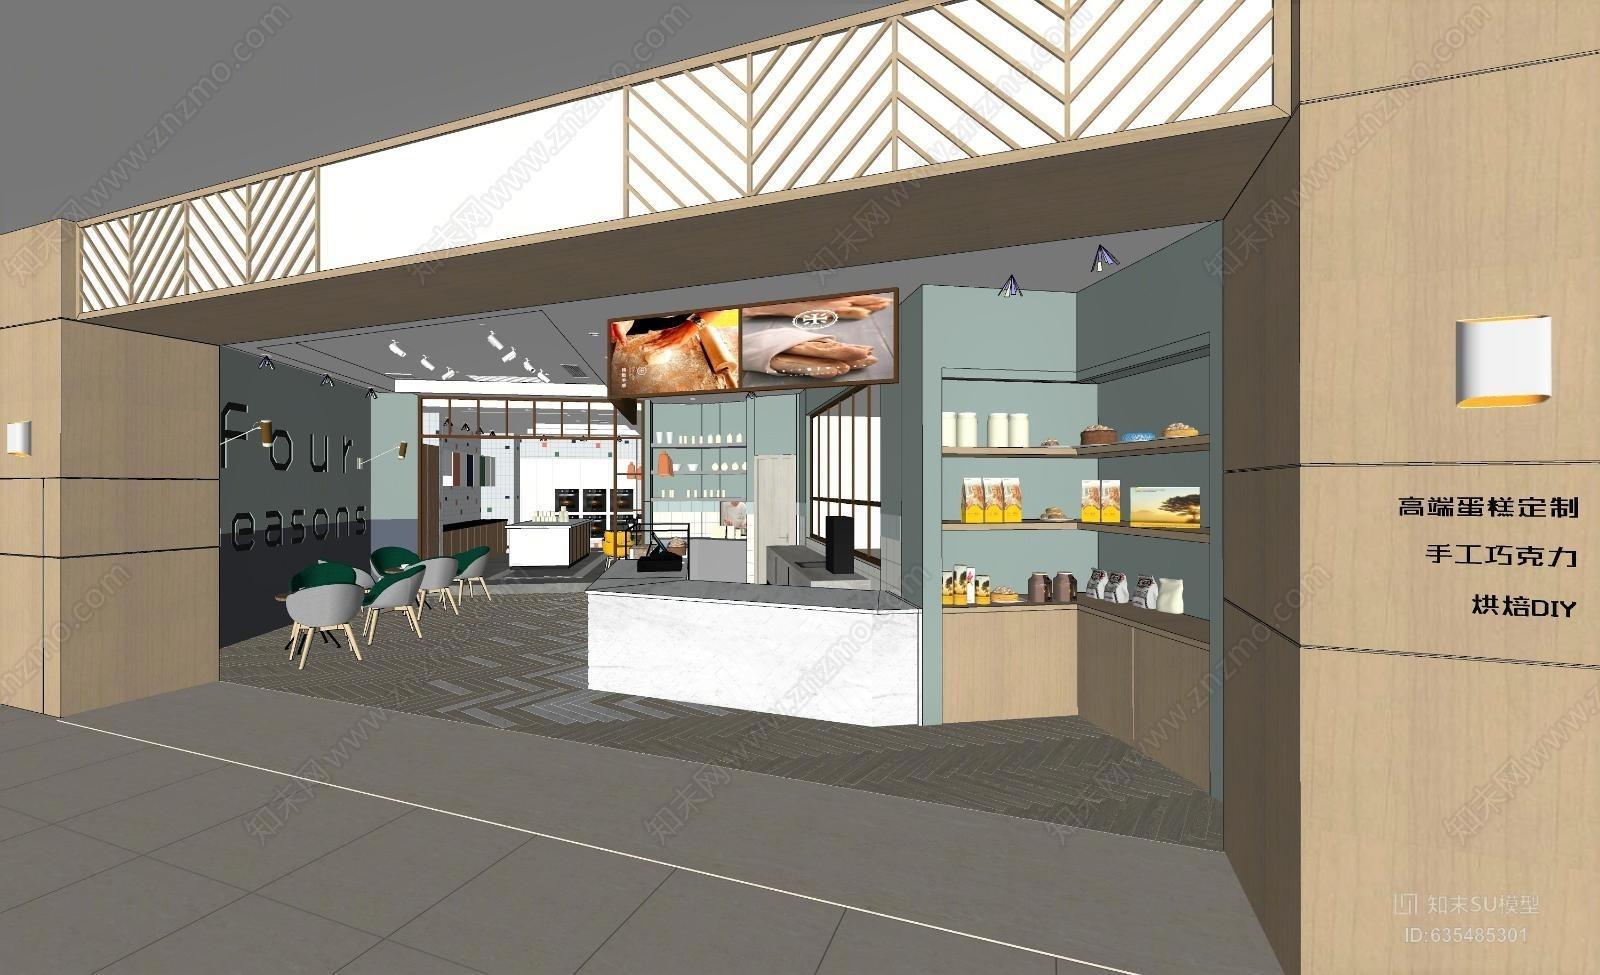 甜品店烘焙店奶茶店咖啡厅设计